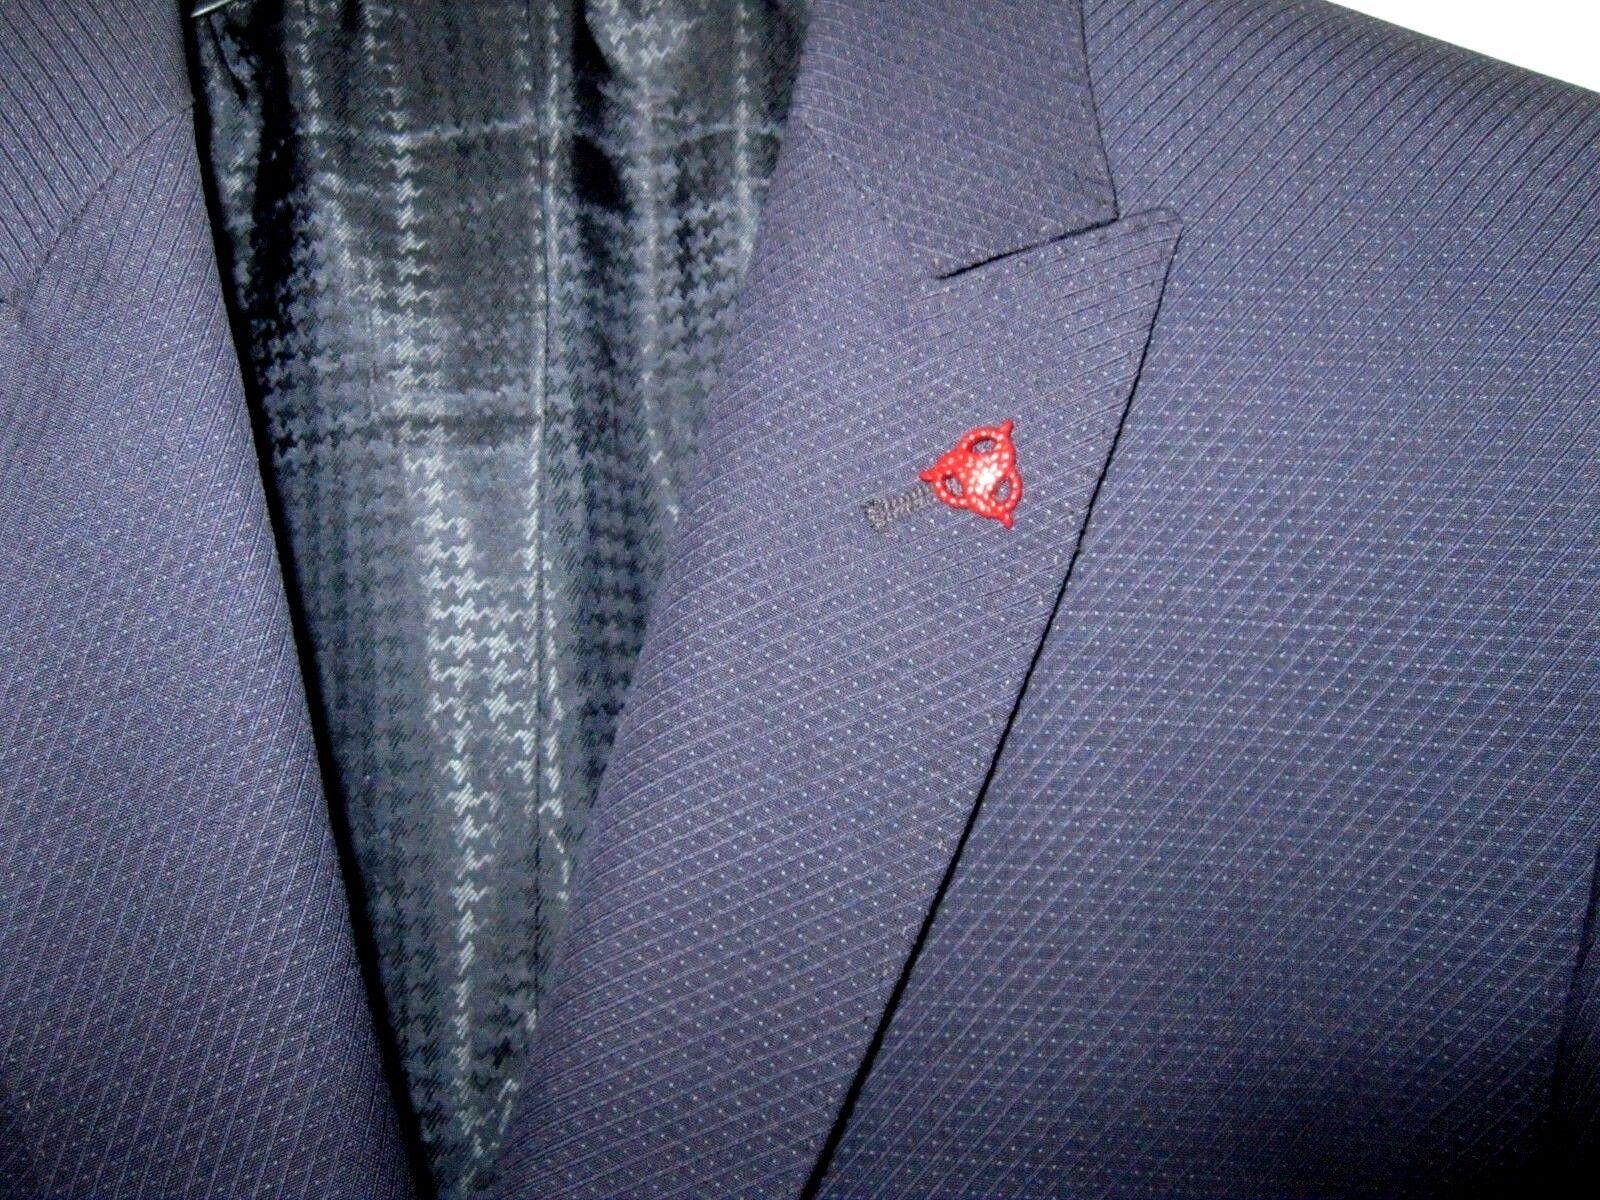 Refinado elegante señores de tu chaqueta chaqueta  roy robson 48 estrecho slim azul oscuro 2912  precios razonables